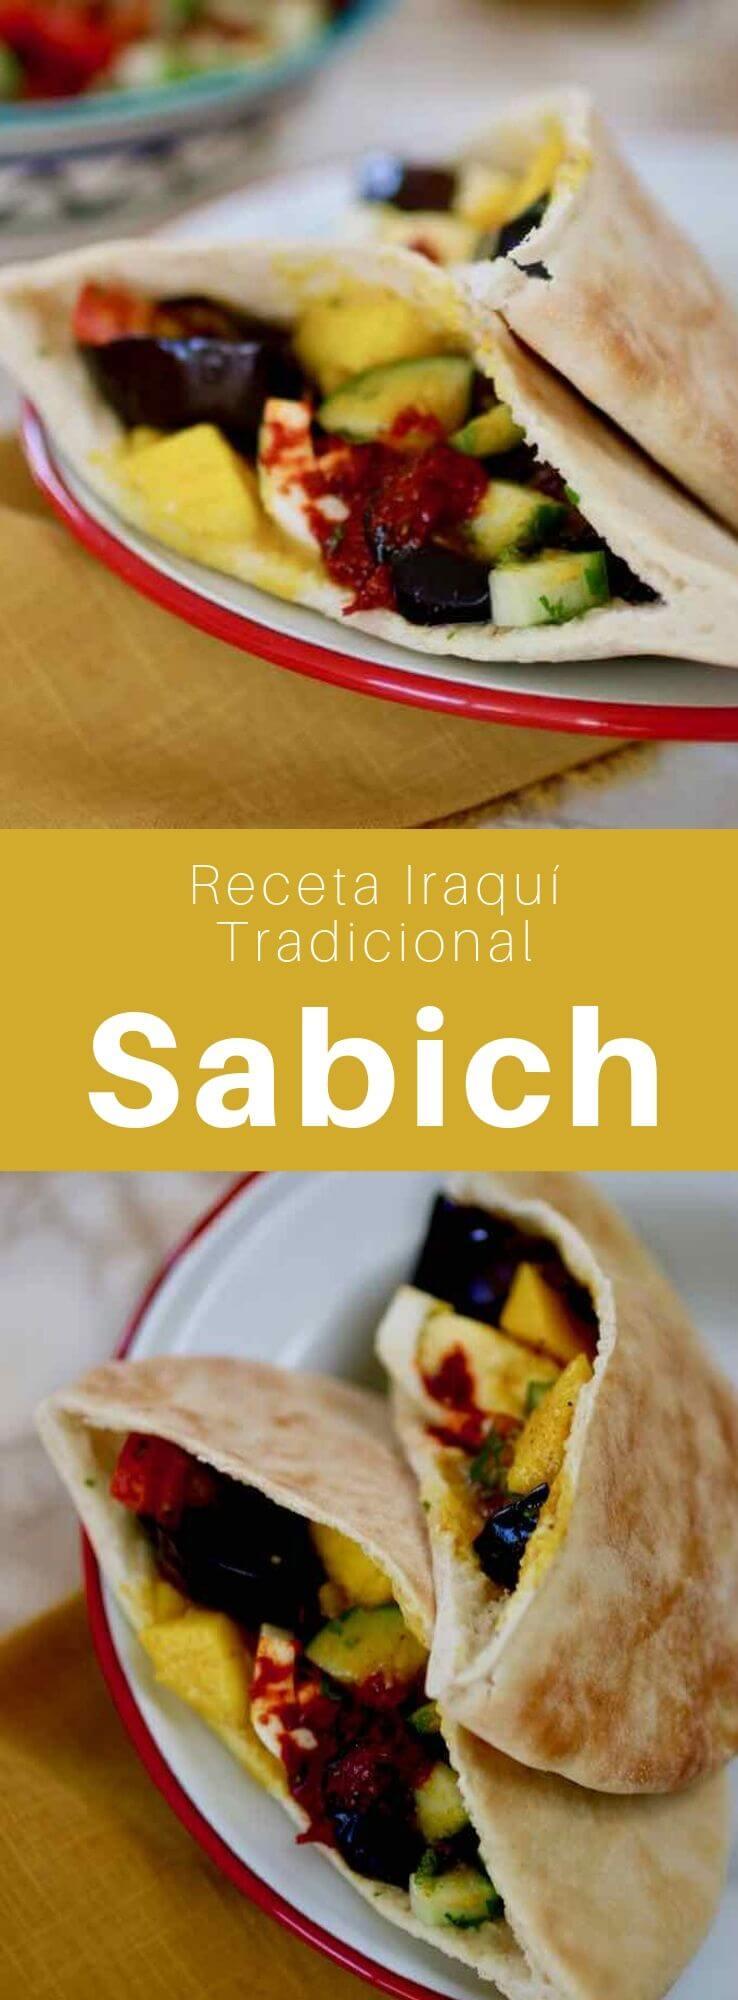 El sabich, sabij o sabih es un sándwich judío-iraquí que es muy popular en Israel. Se prepara con pan de pita, berenjenas, huevo, hummus, tahini y amba.